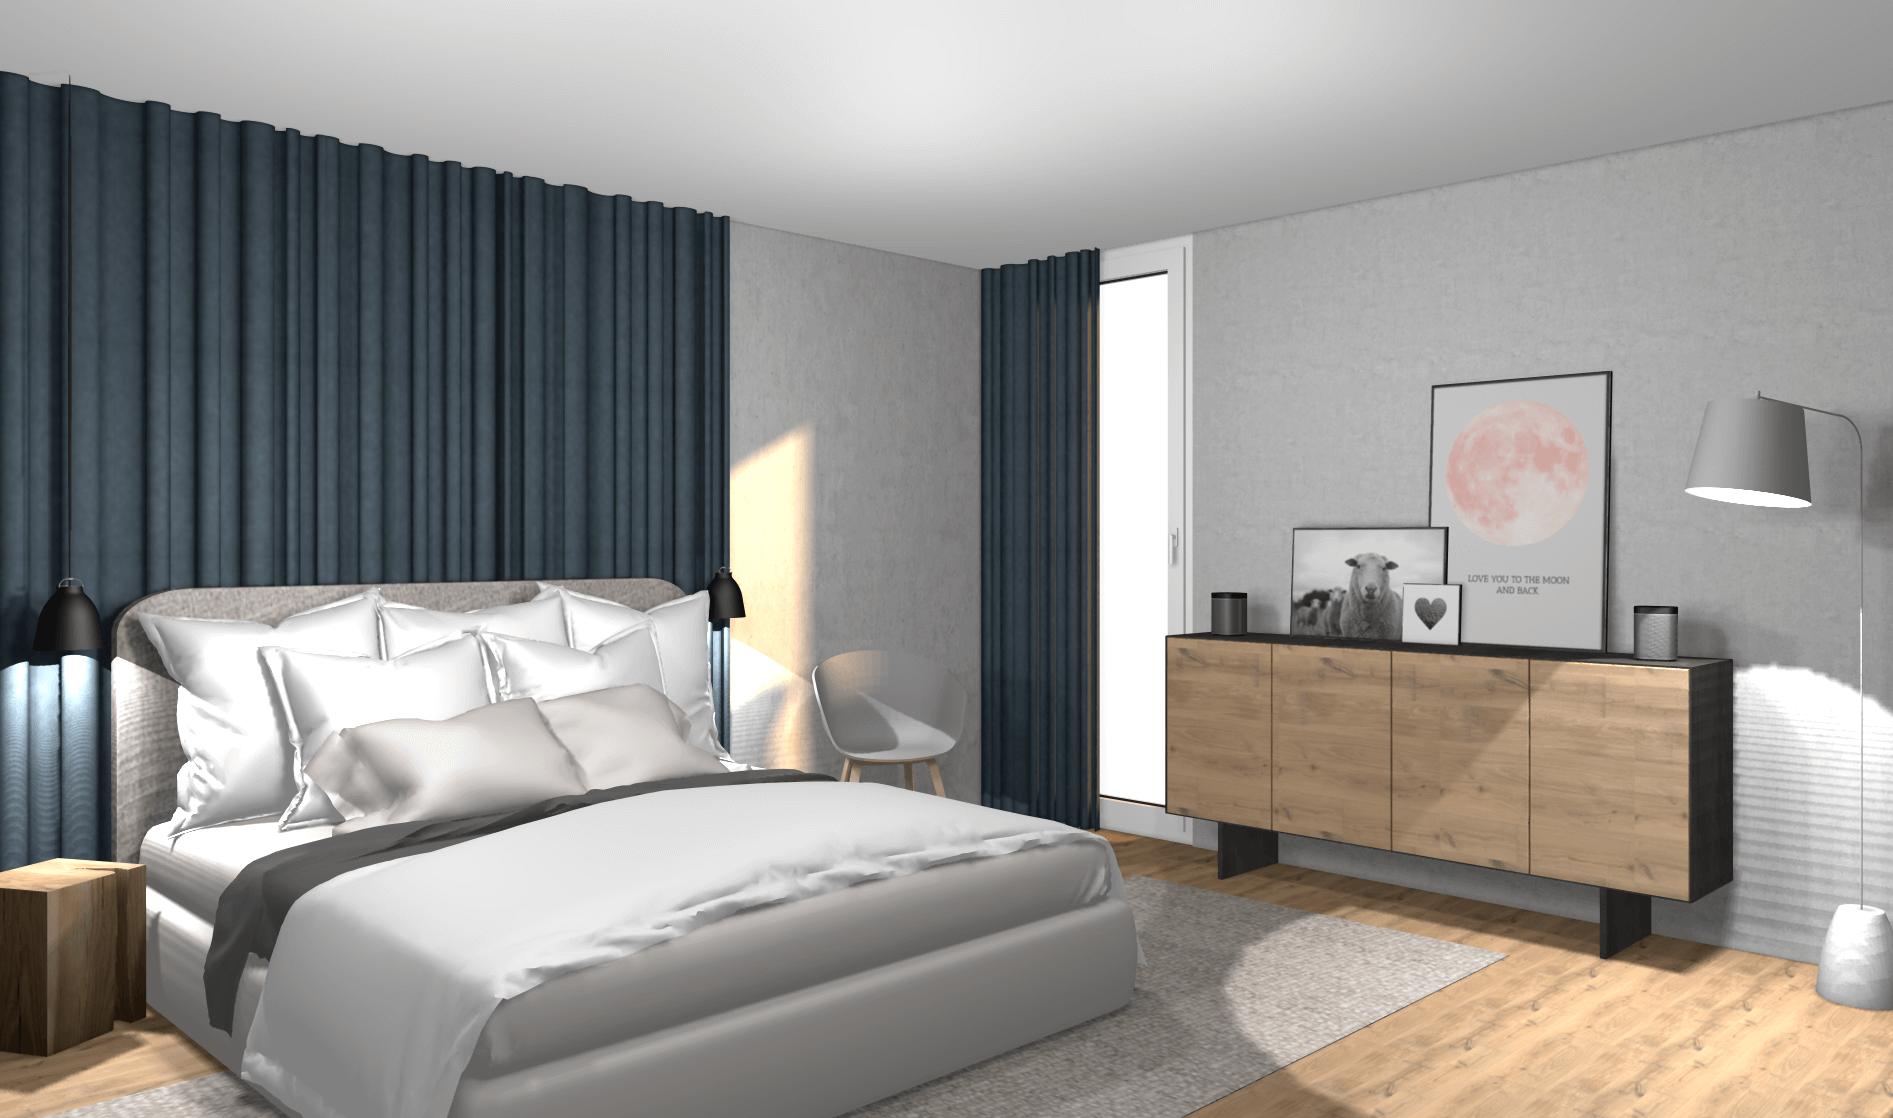 Stylisches Schlafzimmer mit kleinem Budget